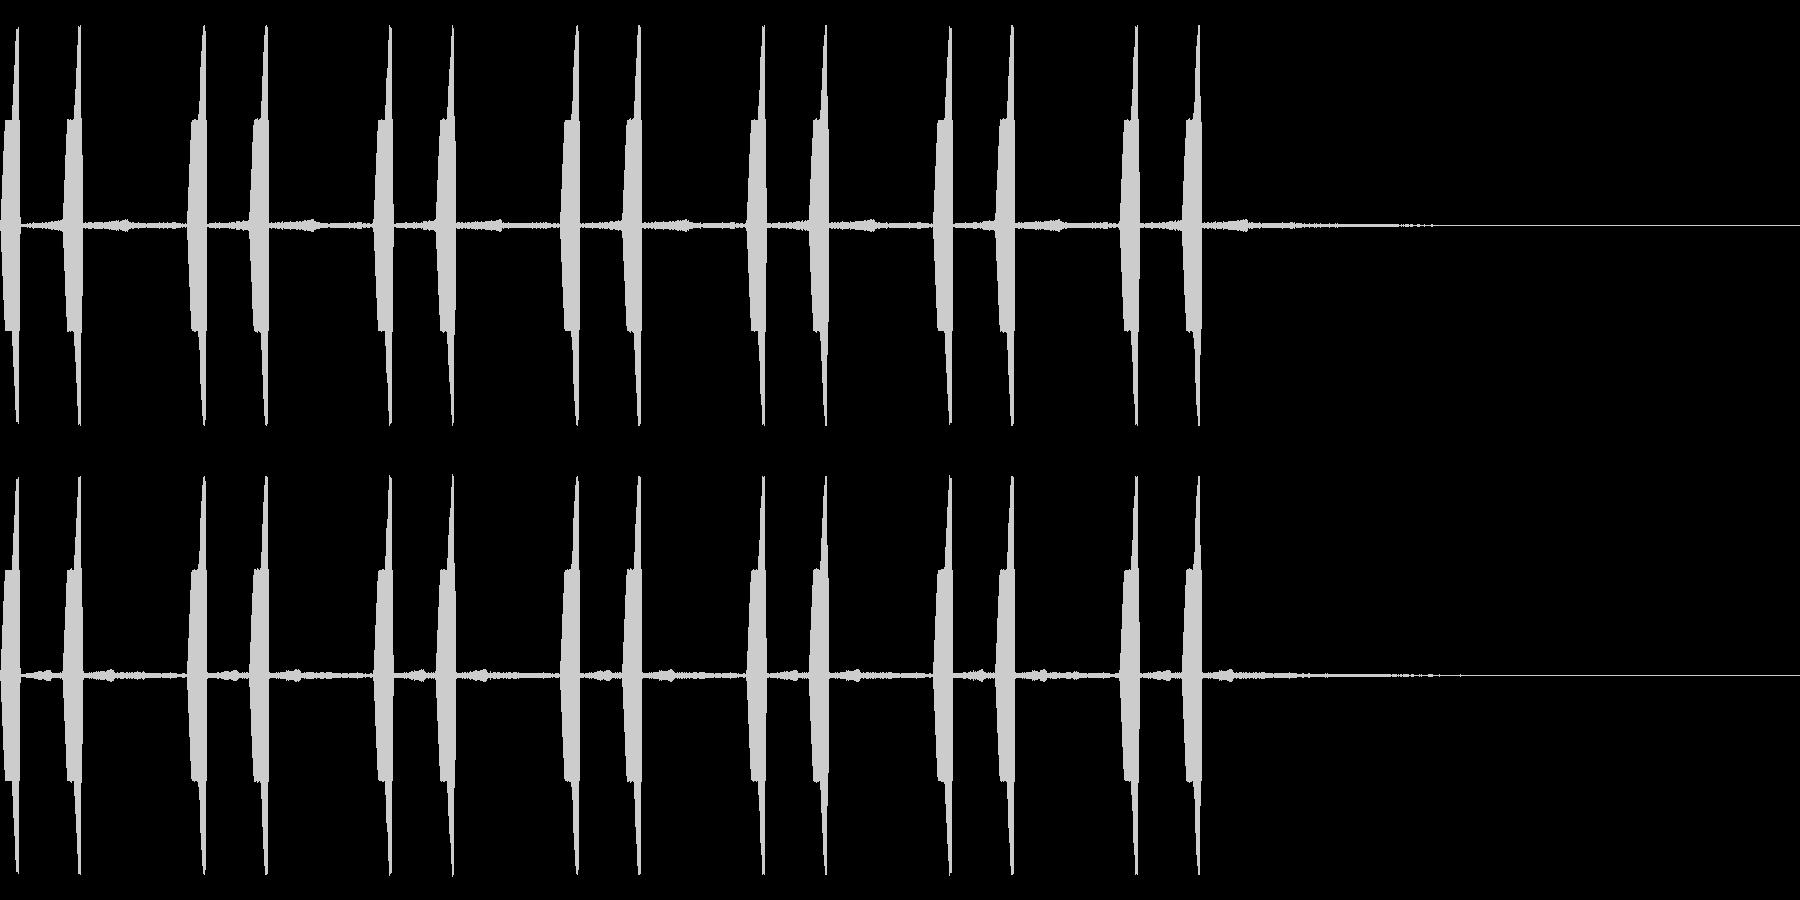 自主規制音 ひよこ ピヨピヨ の未再生の波形